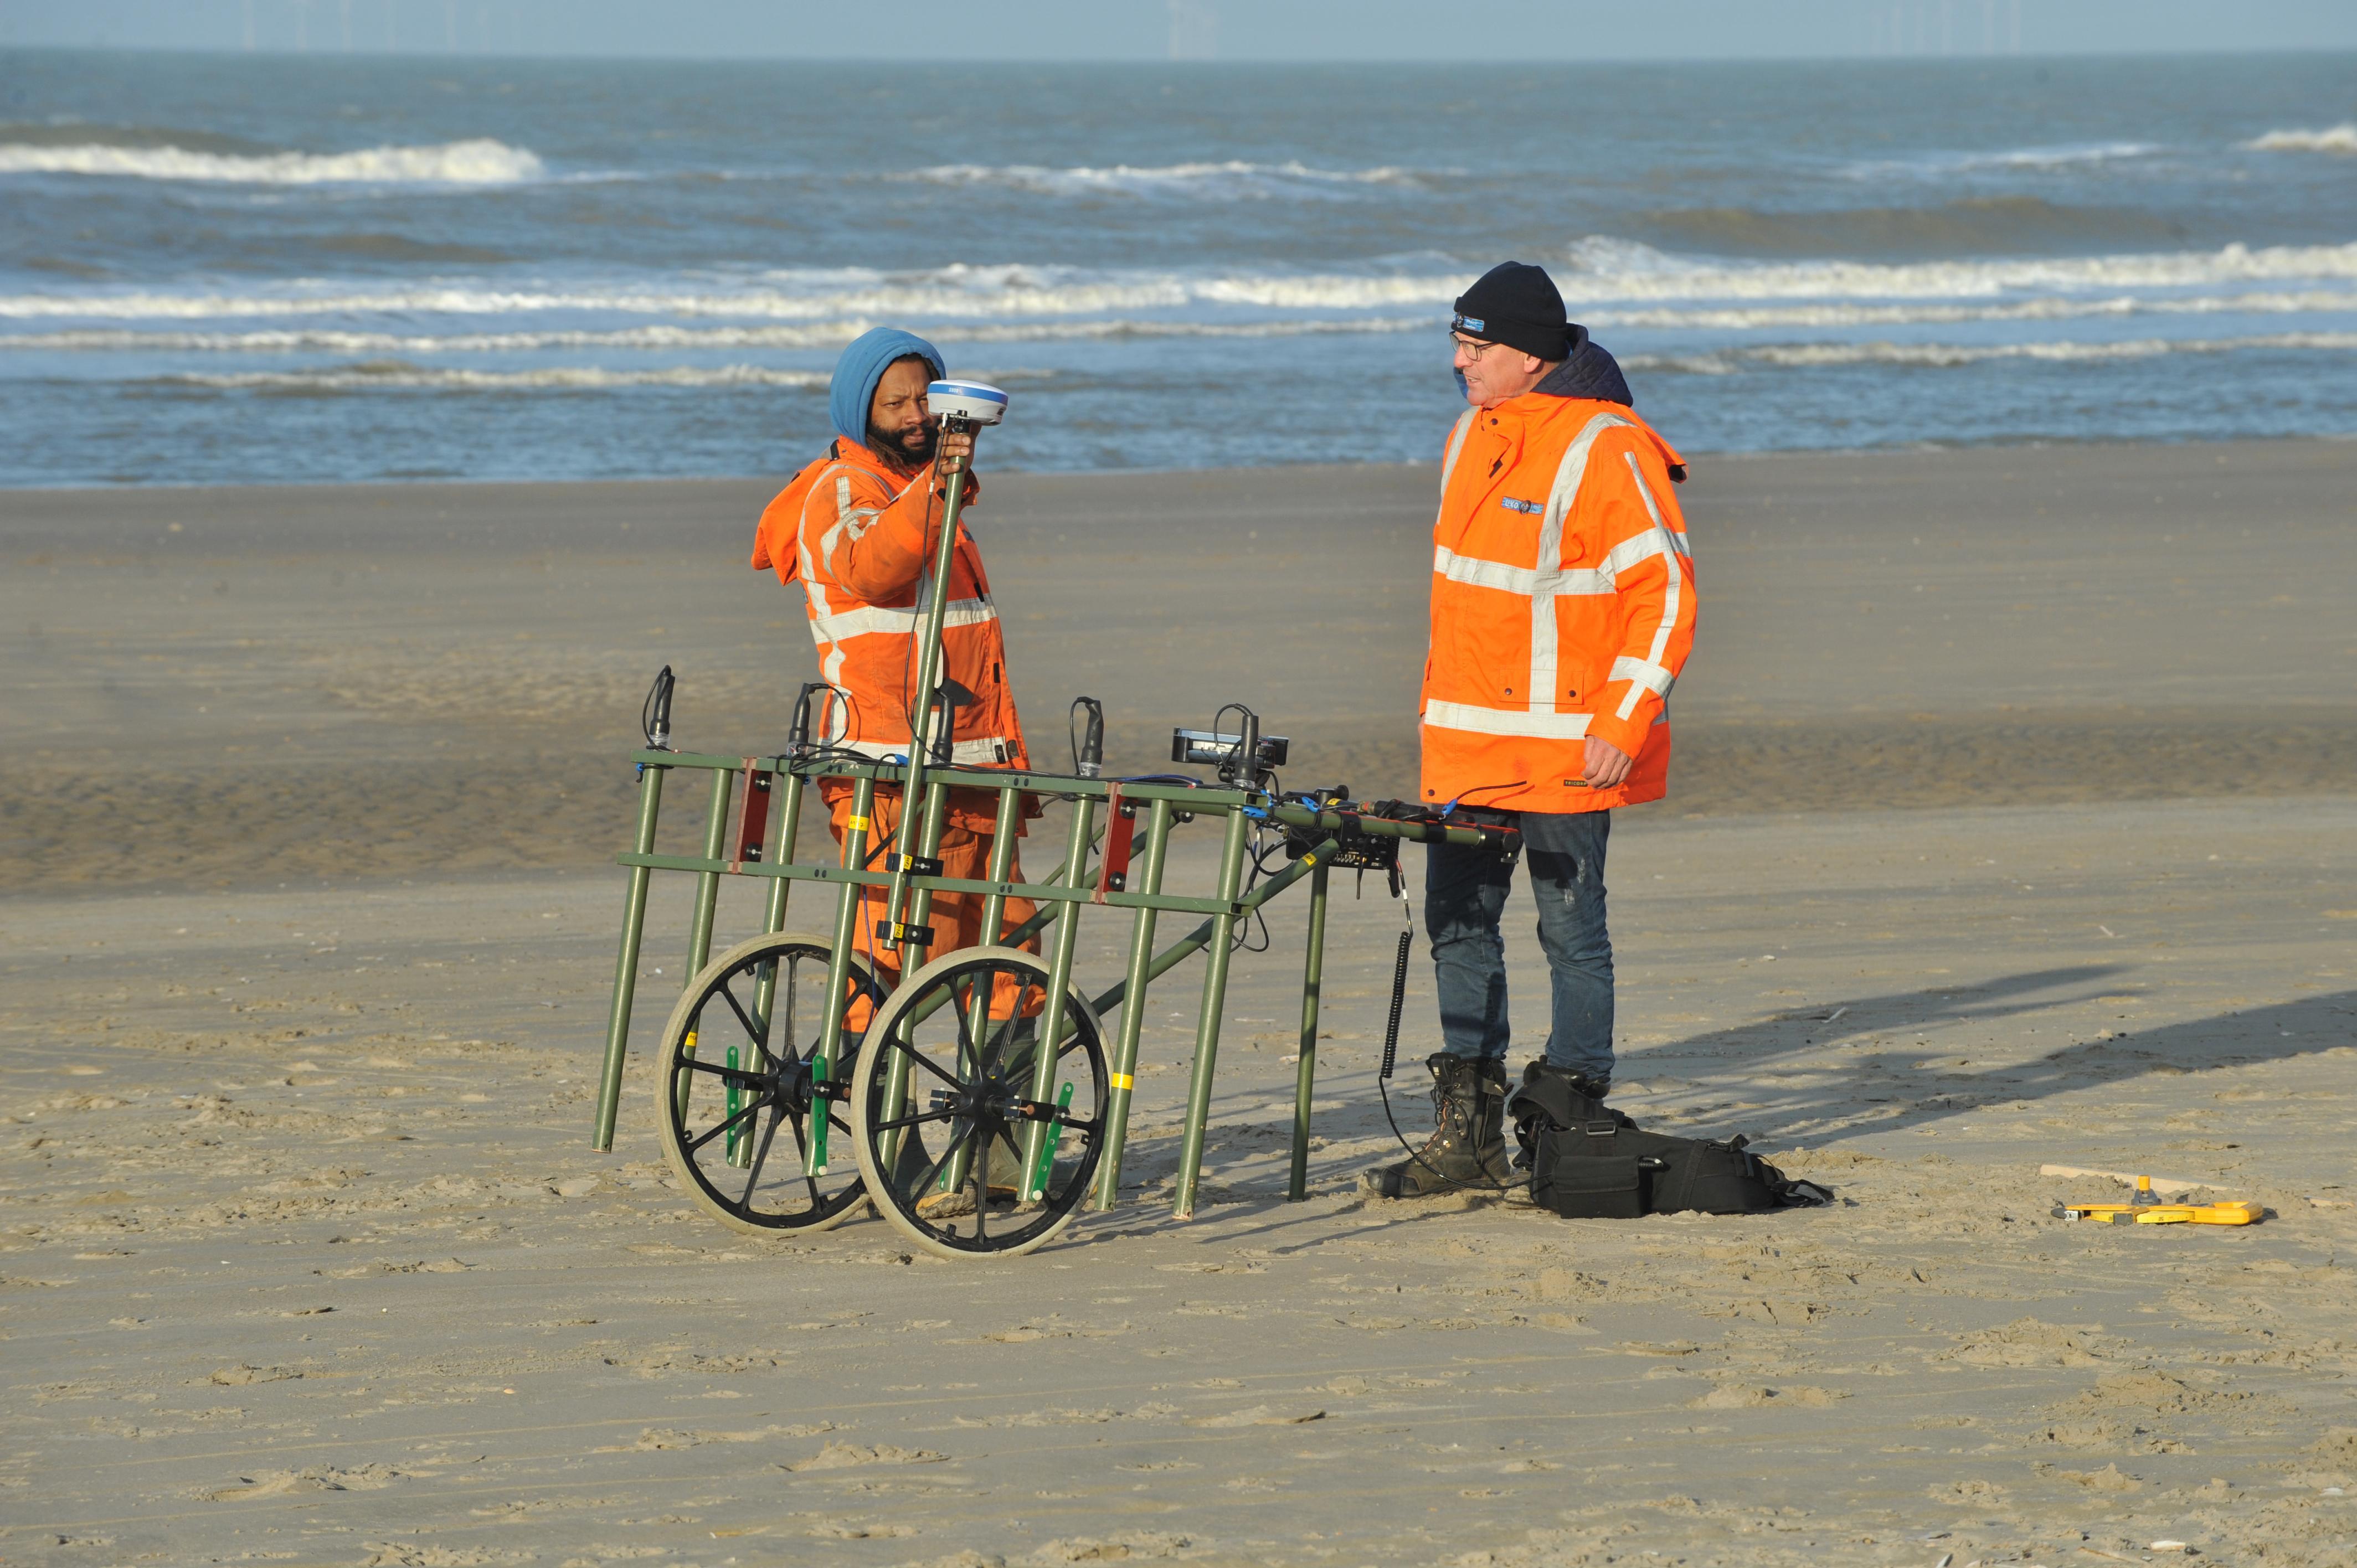 Kijken of er bommen en granaten zijn op het strand van Wijk aan Zee. Geen risico's bij de aanleg van elektriciteitskabels